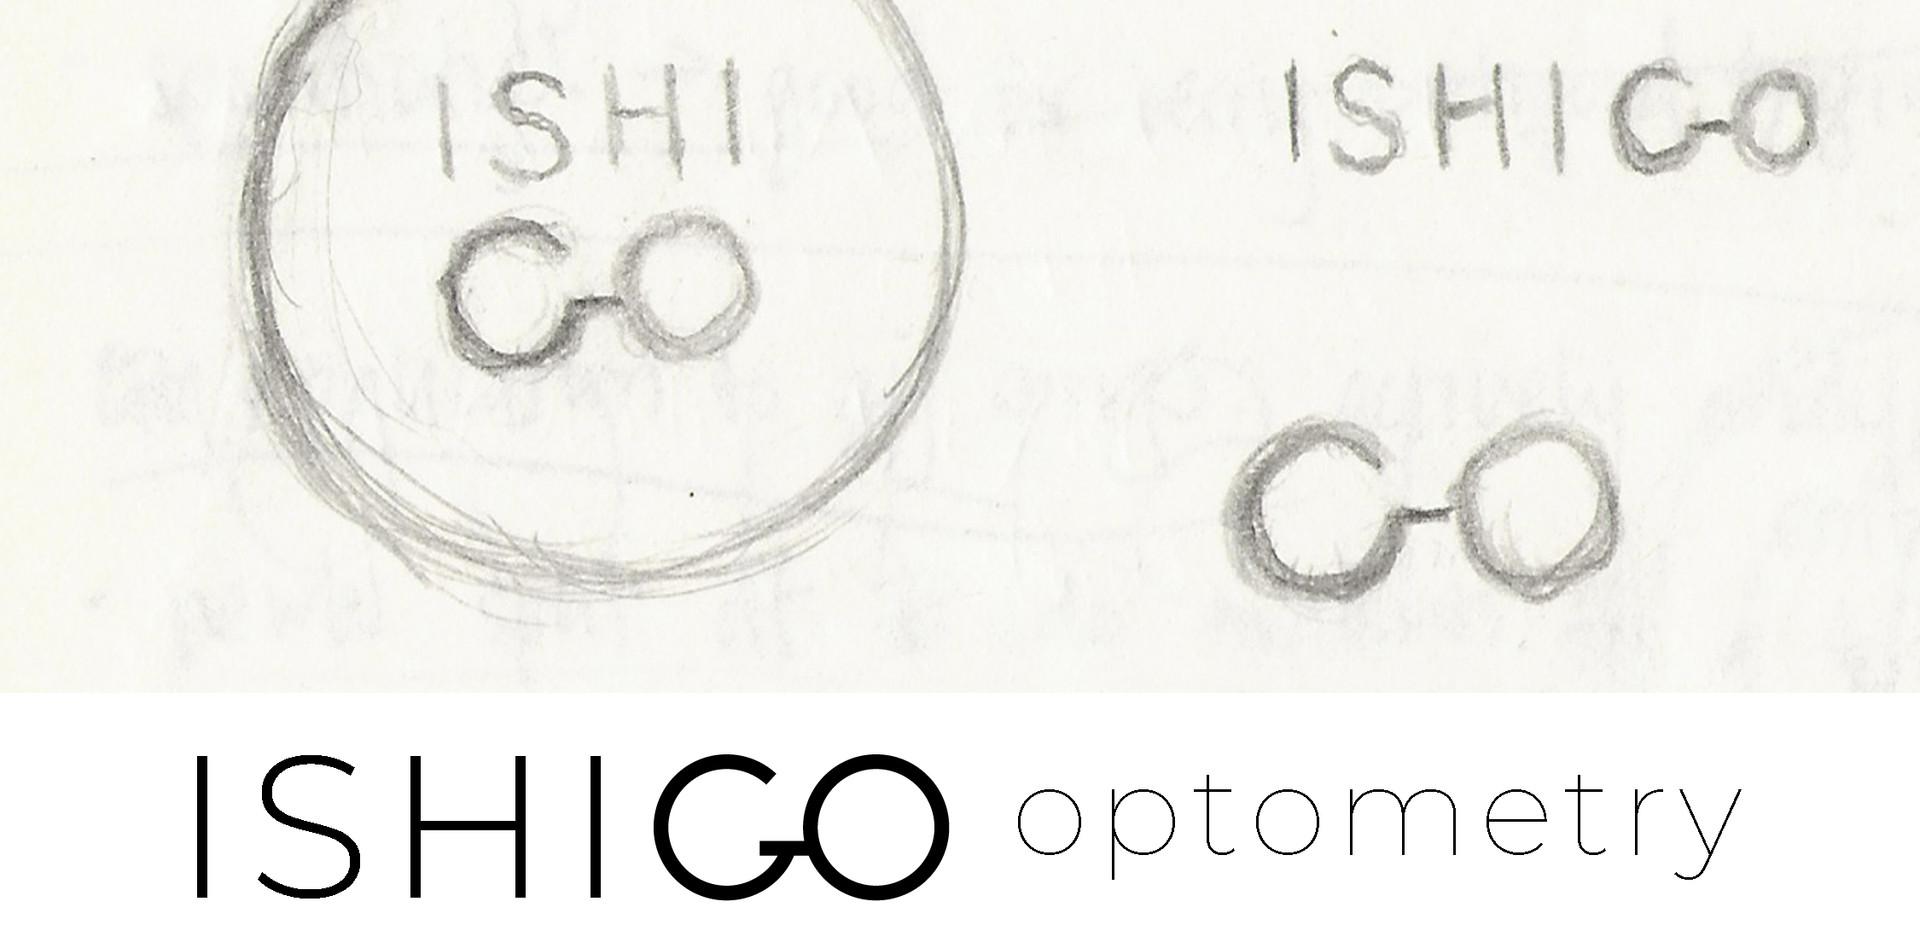 ishigo optometry logo (3/3)